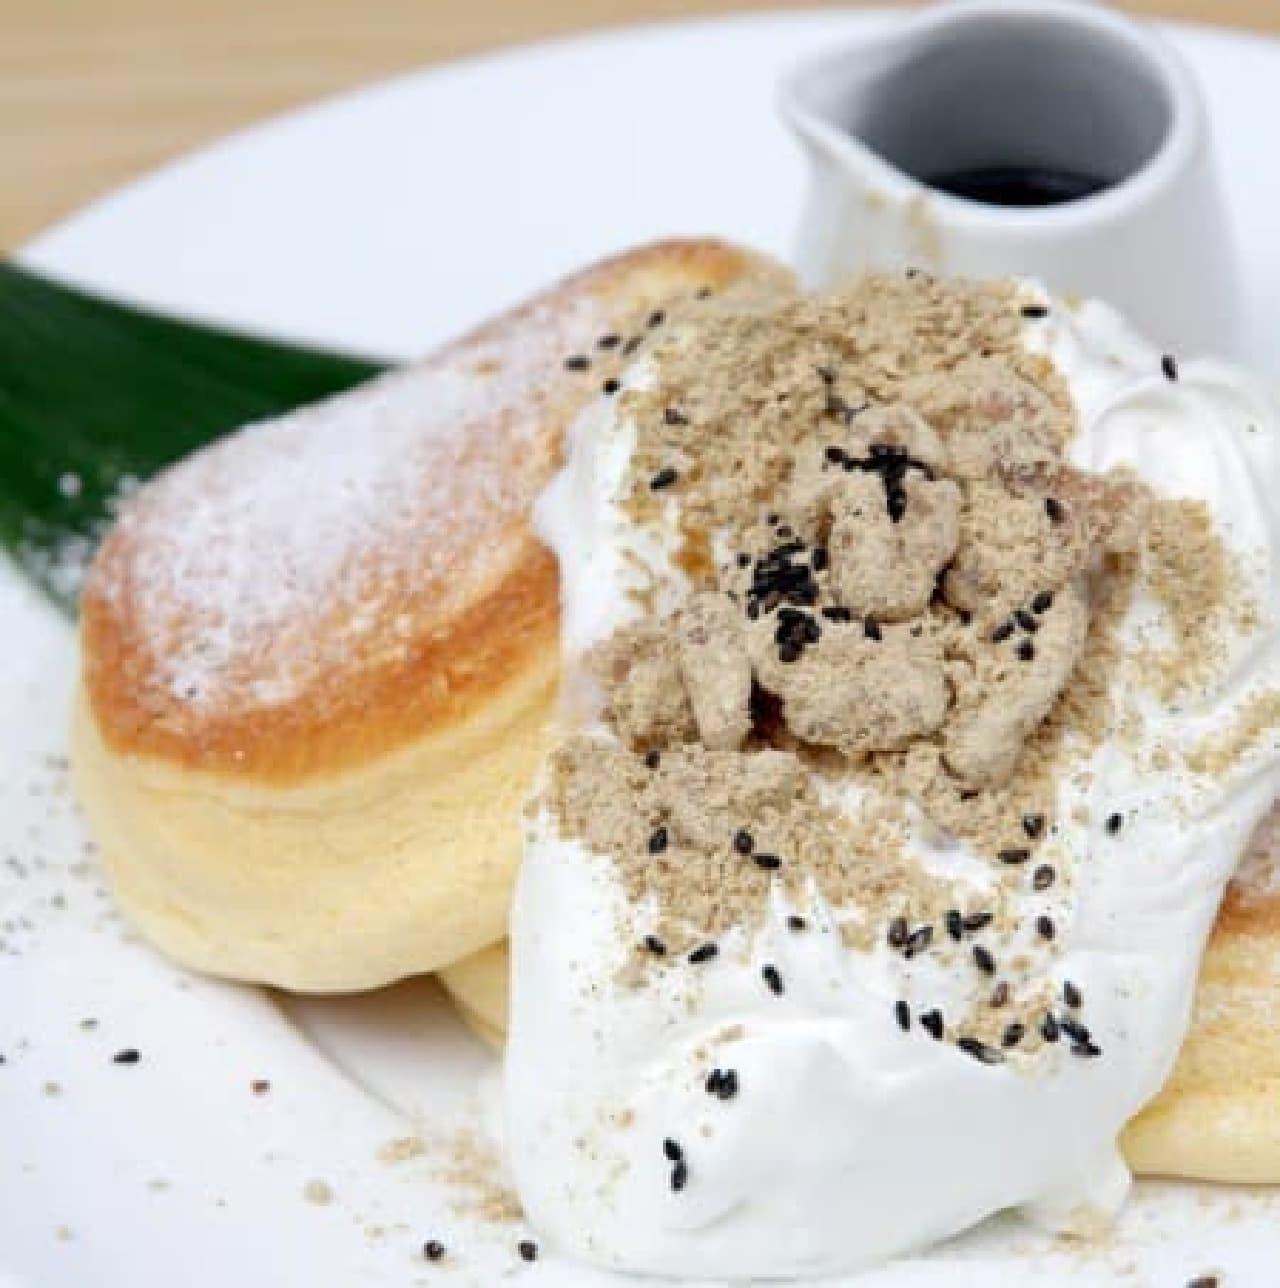 幸せのパンケーキ「黒胡麻ときな粉クルミのパンケーキ」